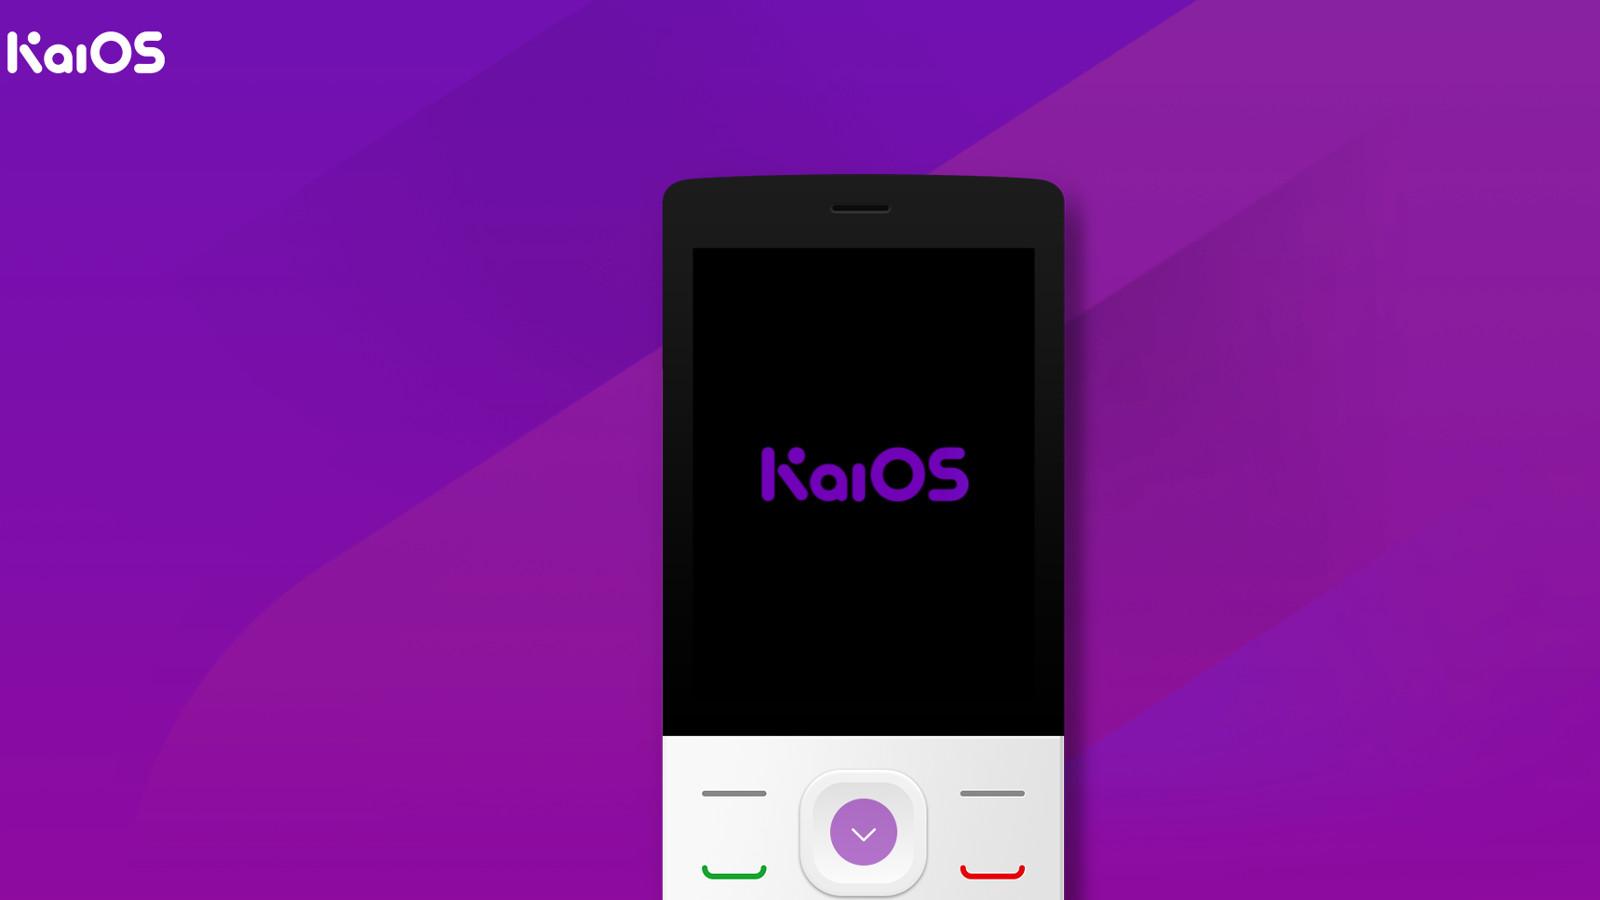 KaiOS neuvěřitelným tempem roste, Huawei by jej mohlo využívat